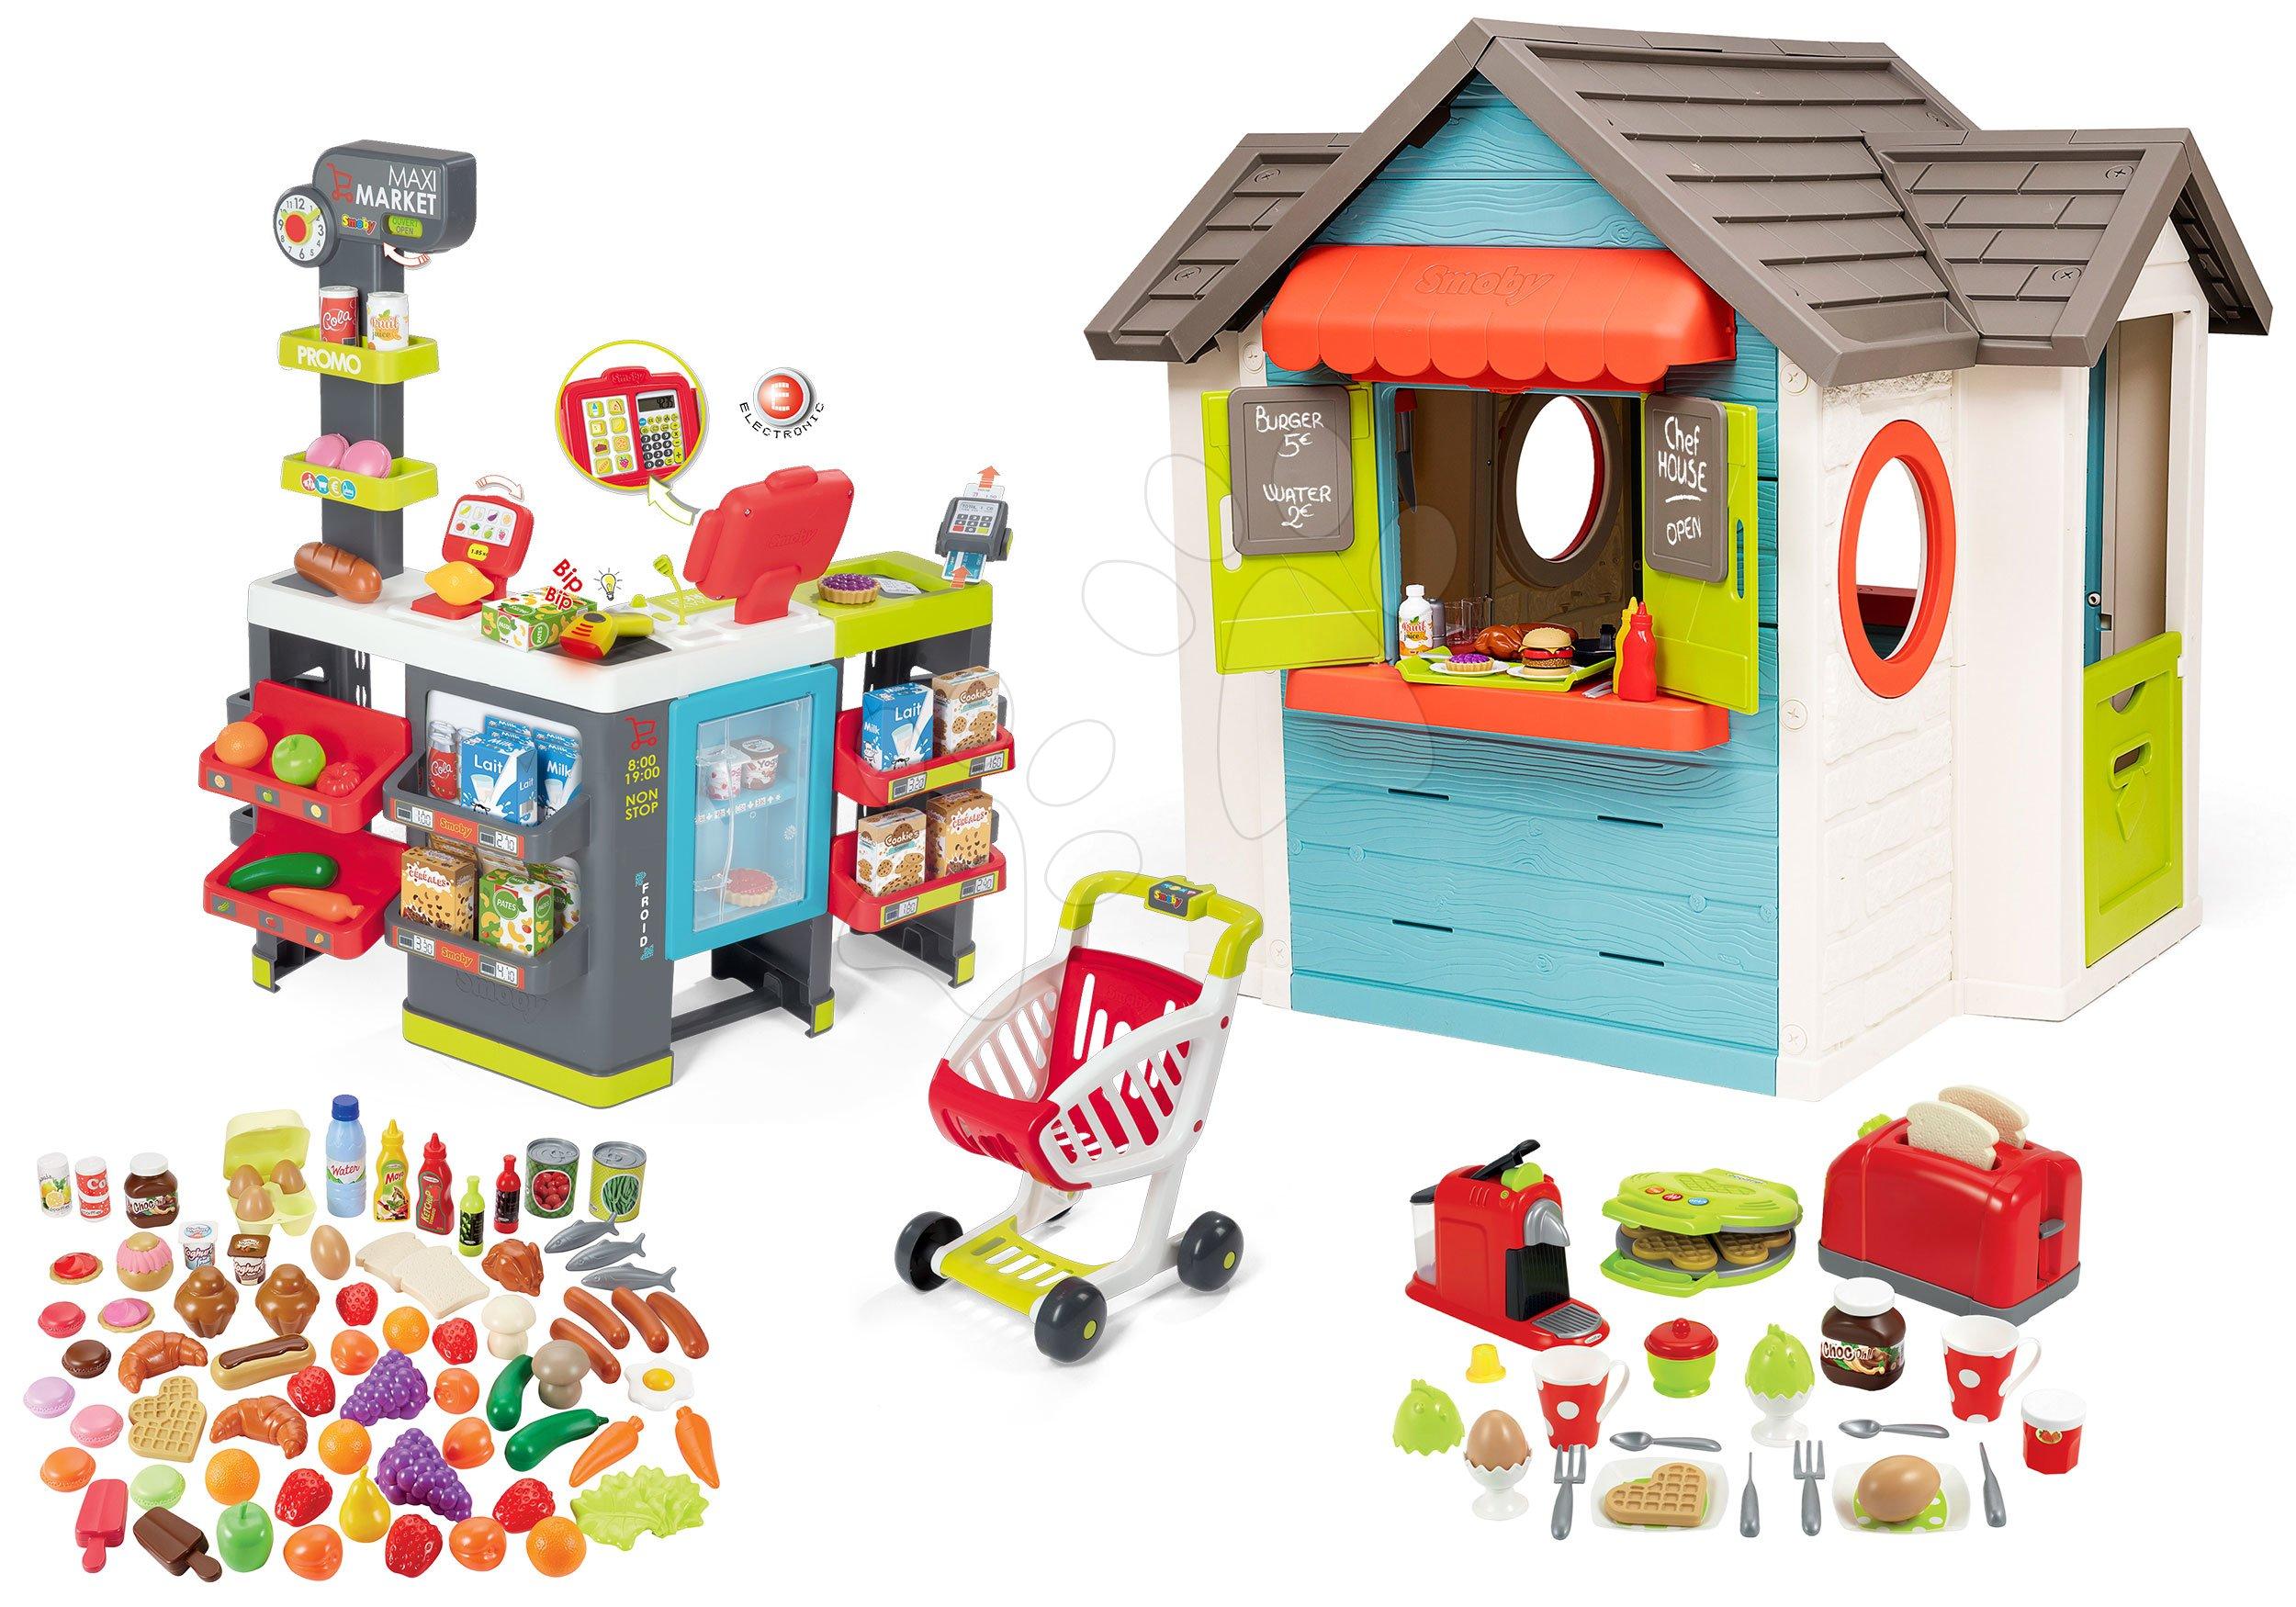 Set domček so záhradnou reštauráciou Chef House DeLuxe Smoby a obchod Maxi Market s chladiacim boxom a potravinami